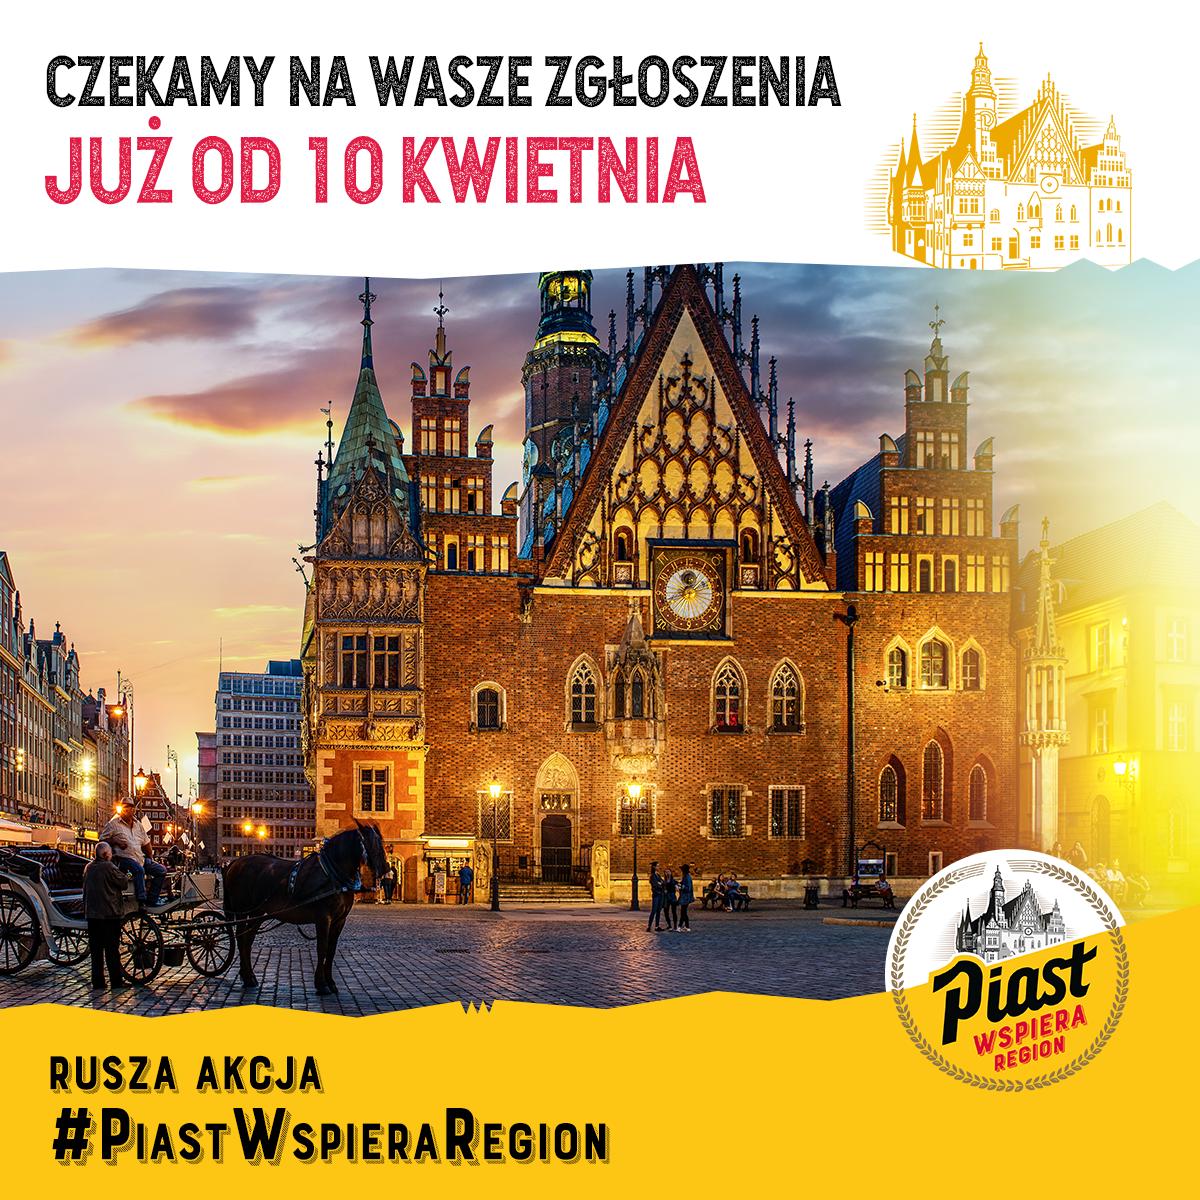 Witamy na fanpage'u akcji Piast Wspiera Region!